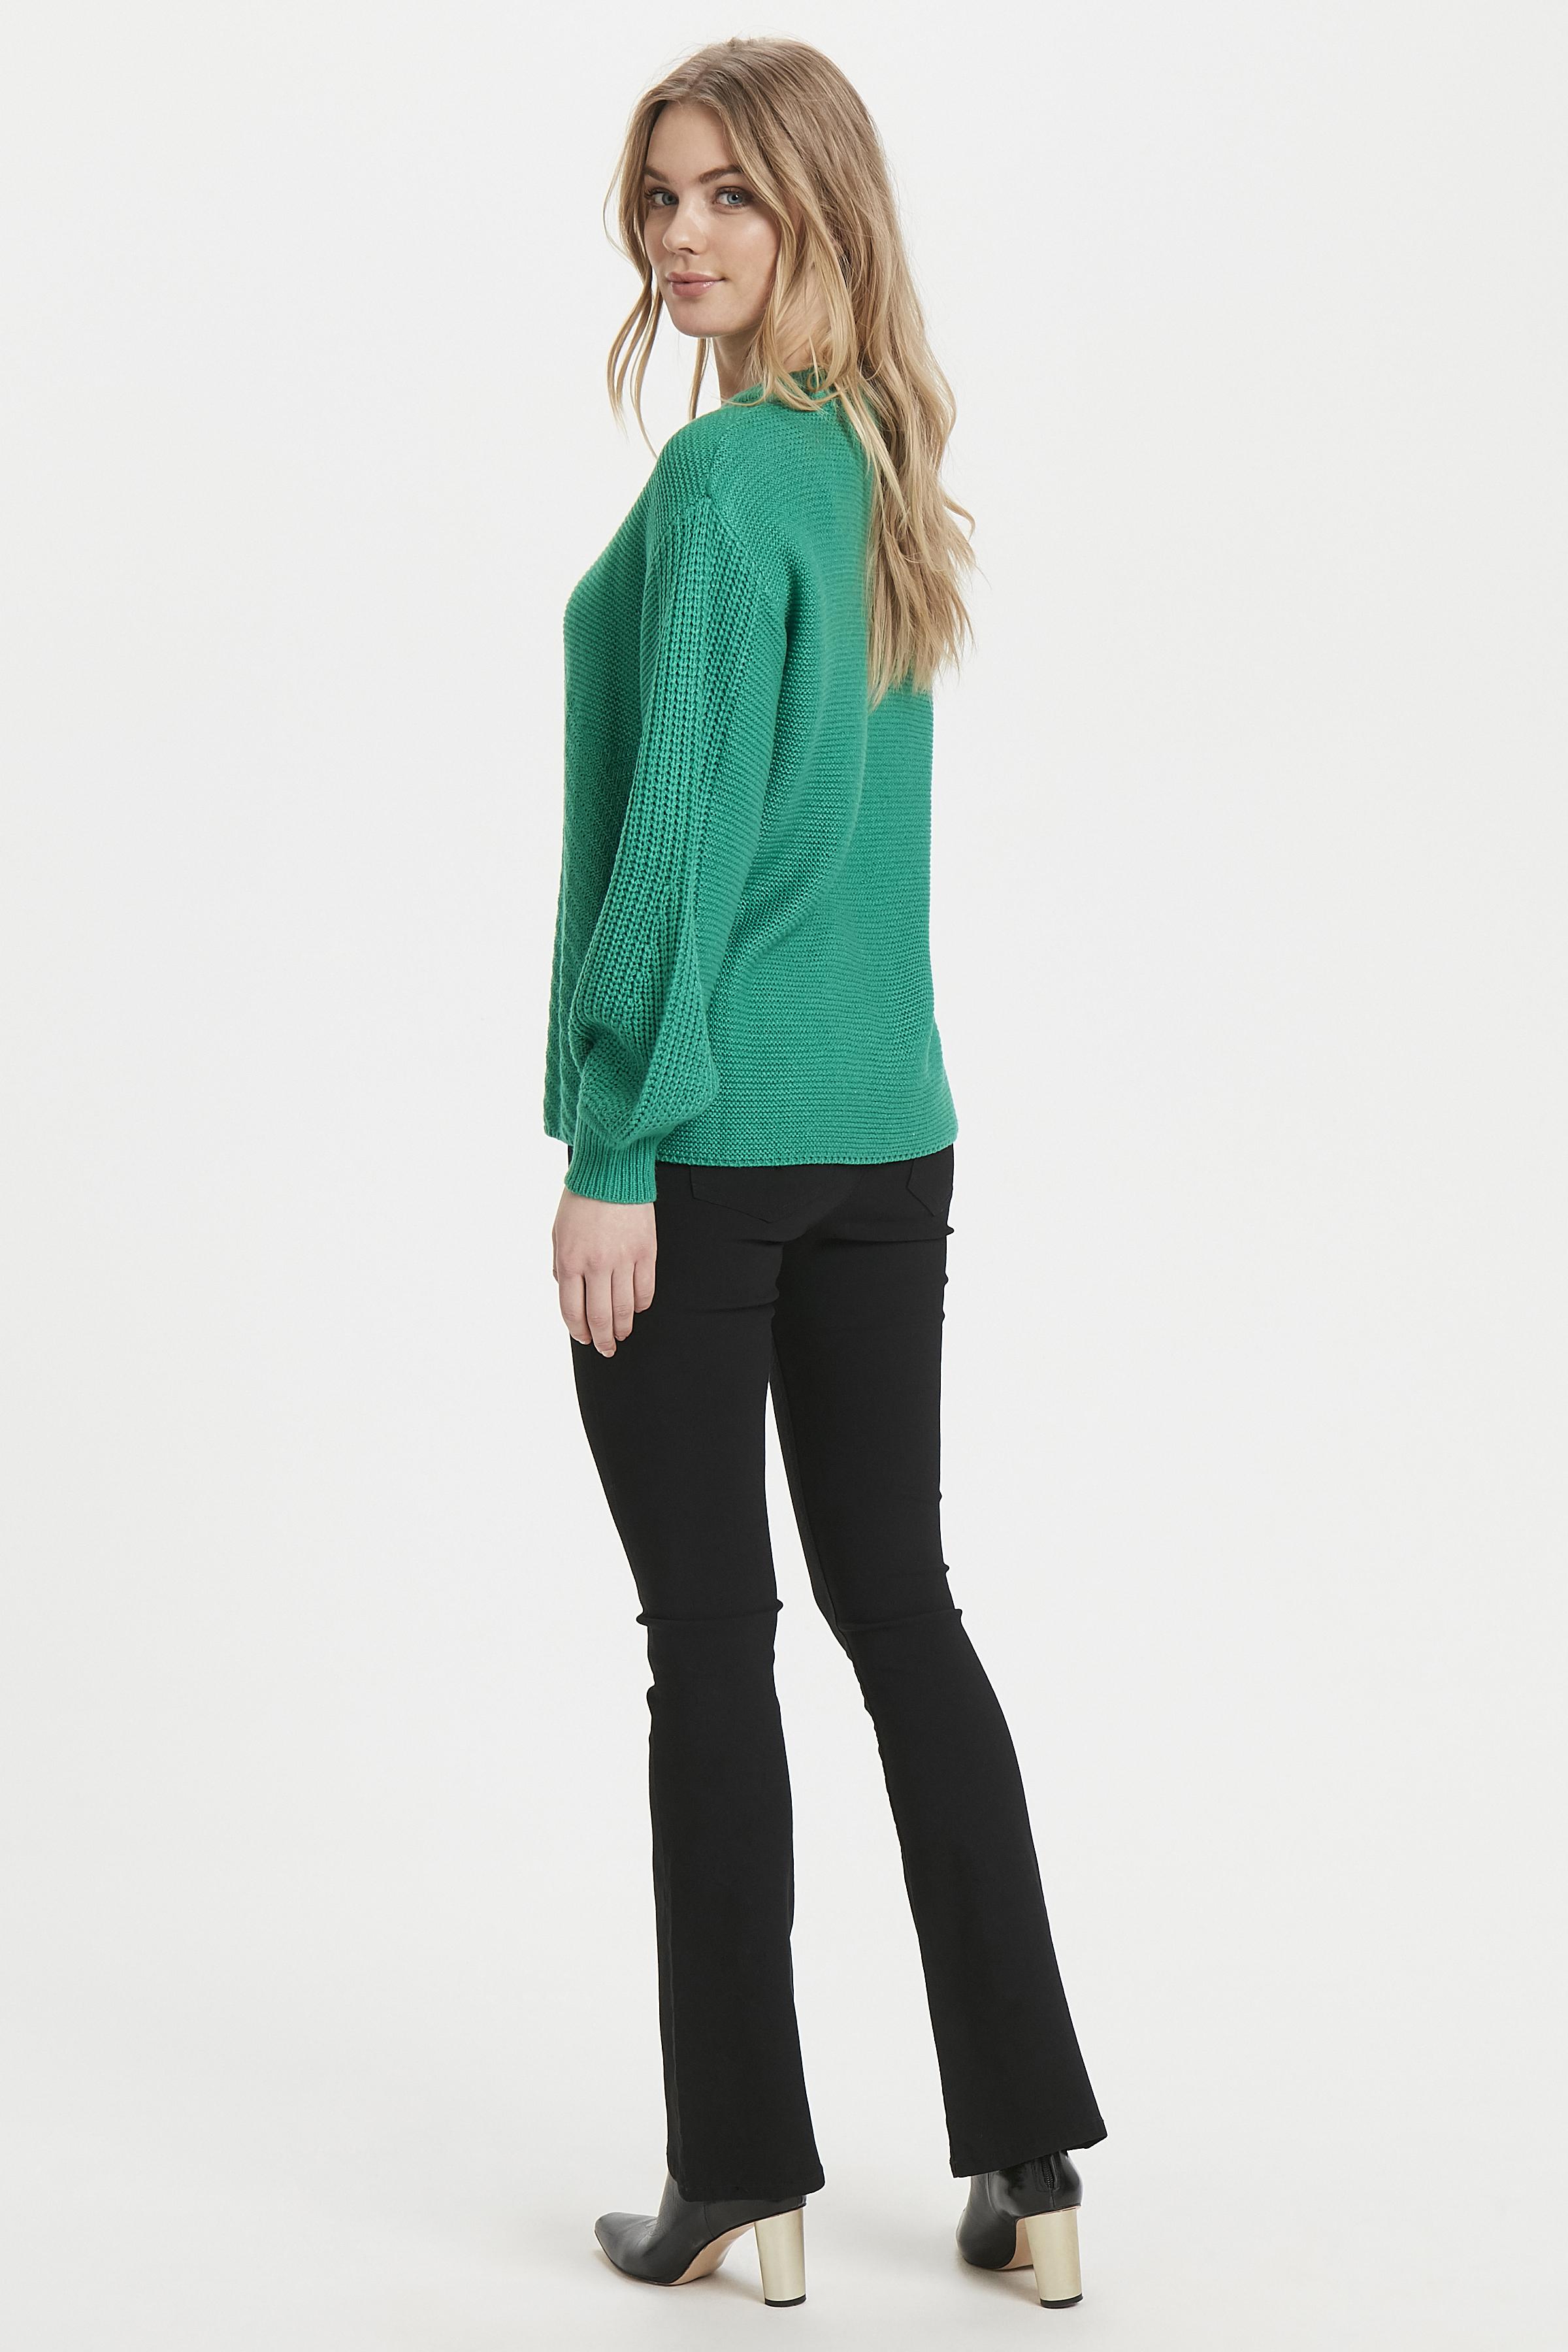 Fresh Green Strickpullover von b.young – Kaufen Sie Fresh Green Strickpullover aus Größe XS-XXL hier